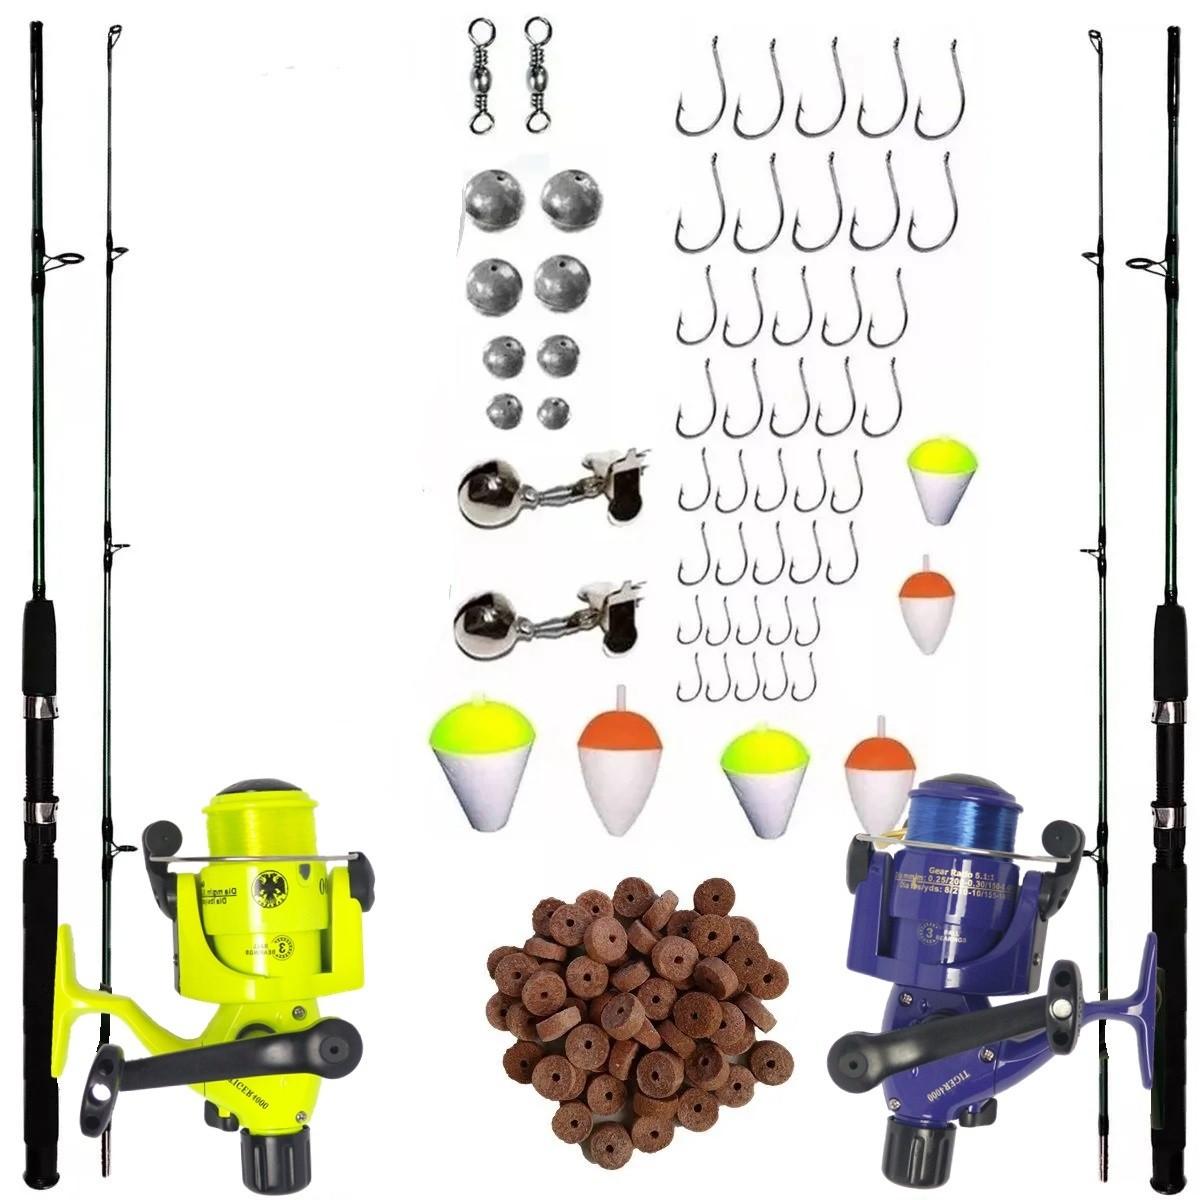 Kit De Pesca 2 Varas 1,70m 2 Molinetes 3 rolamentos e Itens